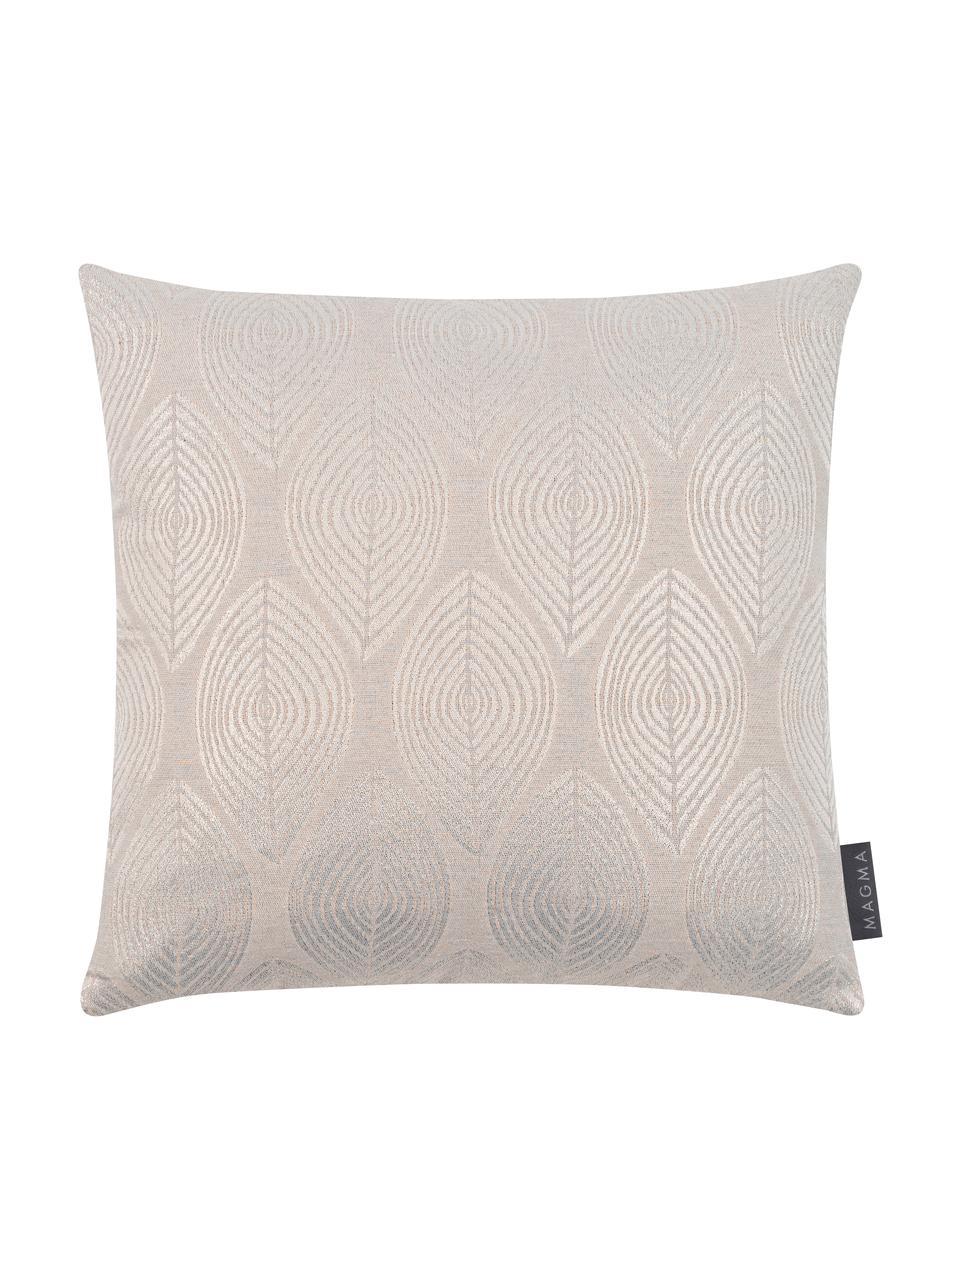 Kissenhülle Dulce in Beige mit glänzenden Motiven, 78% Polyester, 22% Baumwolle, Beige, 40 x 40 cm